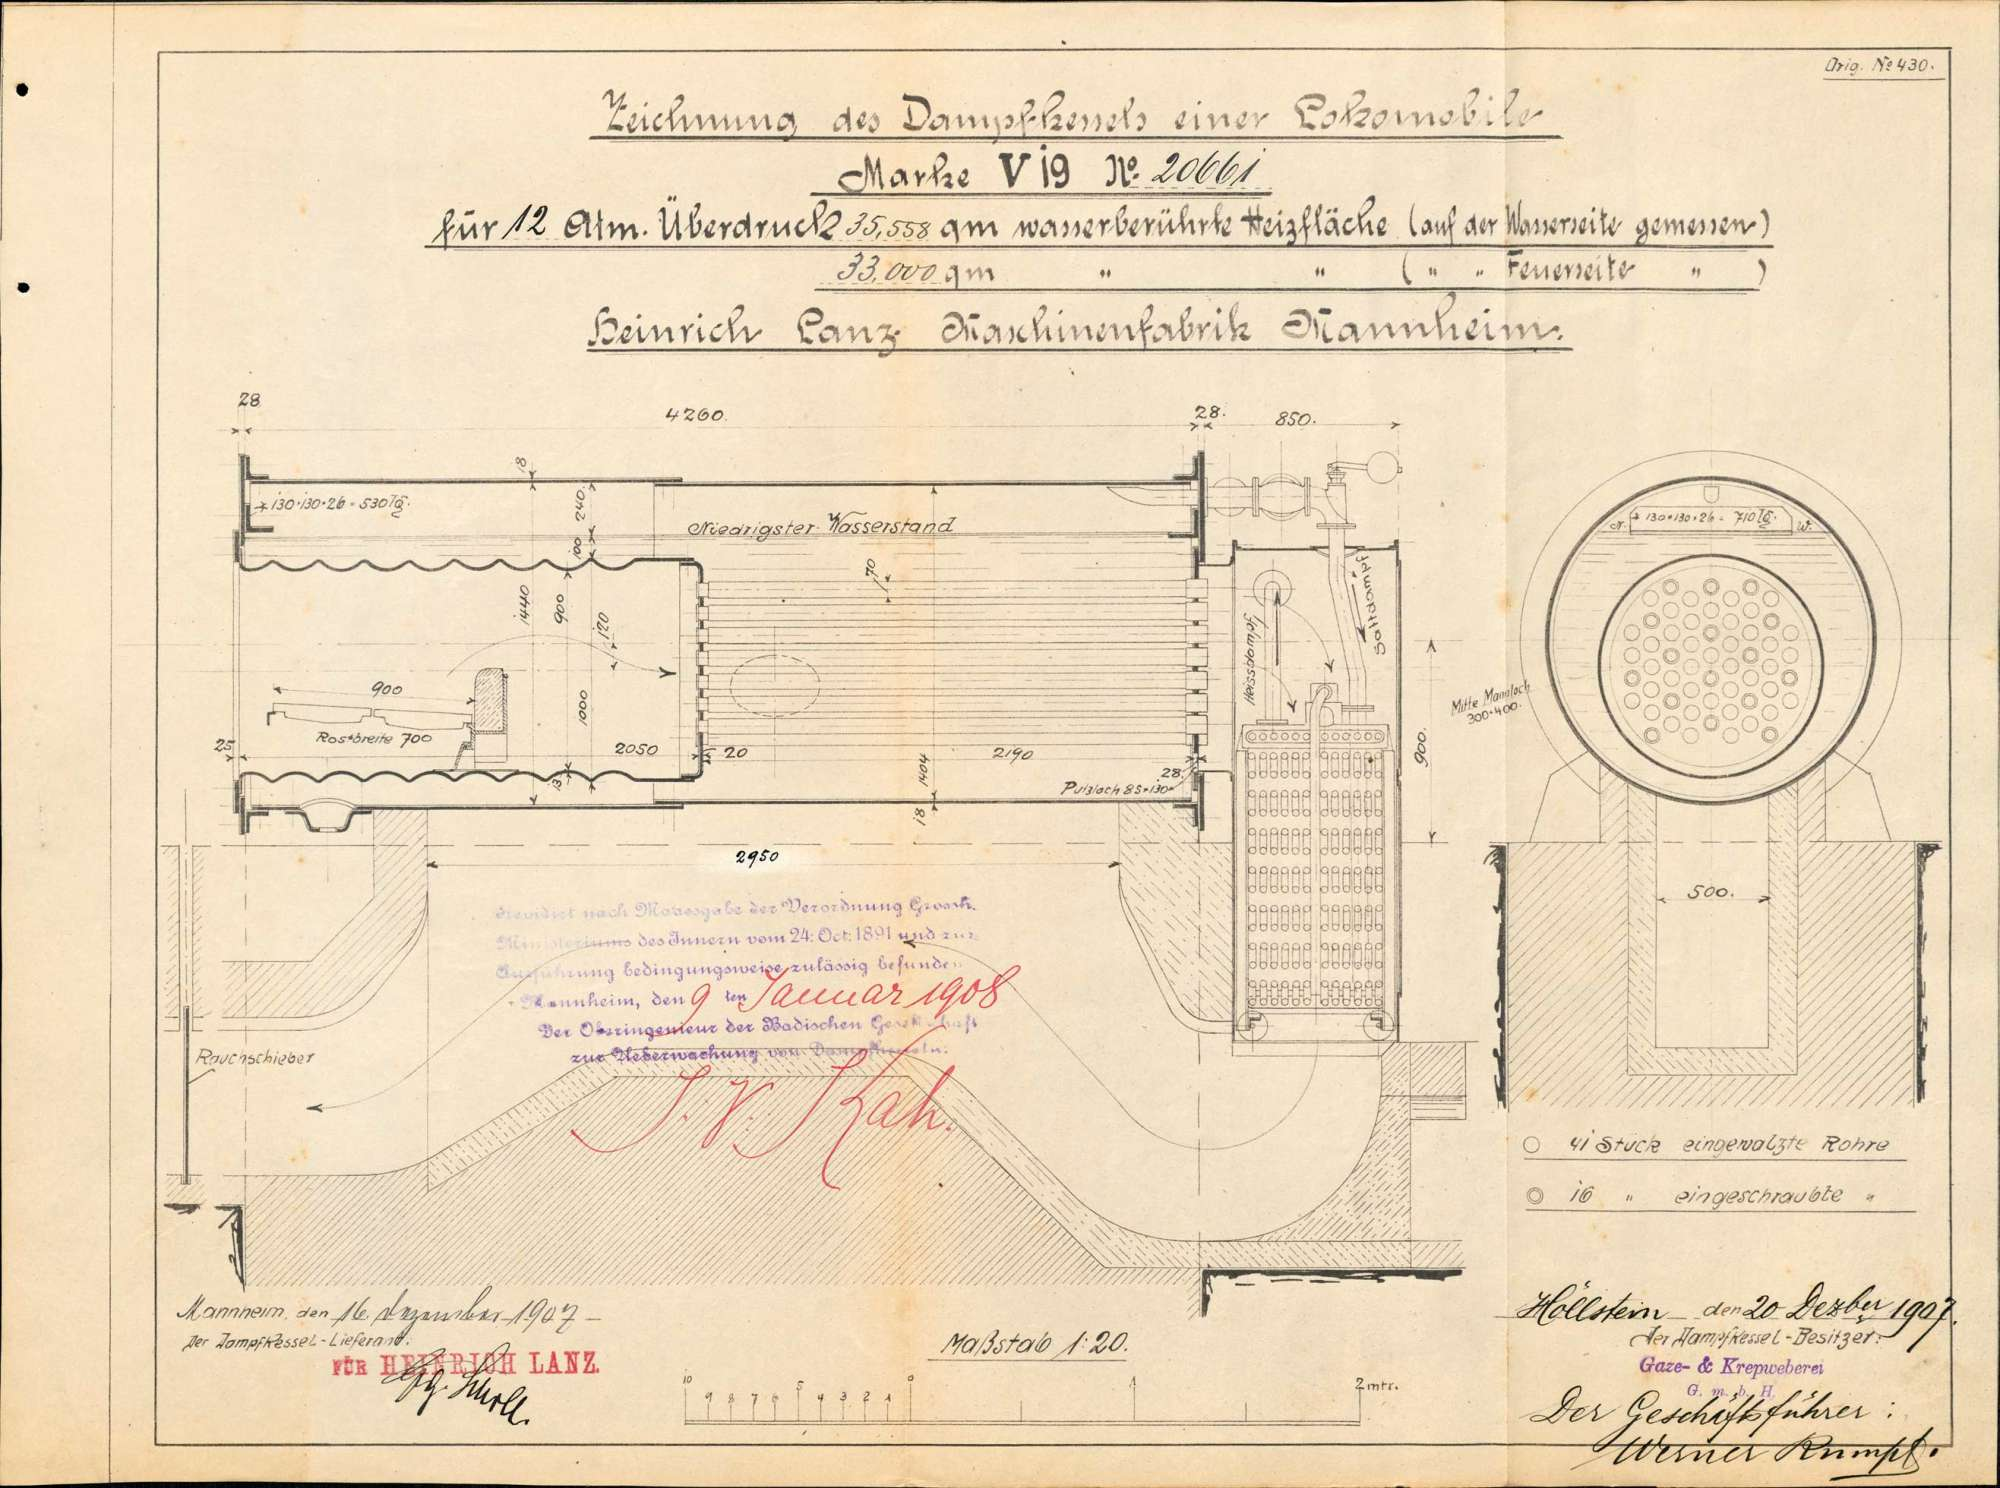 Gesuch der Fa. Gaze- und Kreppweberei GmbH in Höllstein um Erlaubnis zur Anlegung bzw. Veränderung eines Dampfkessels, Bild 2